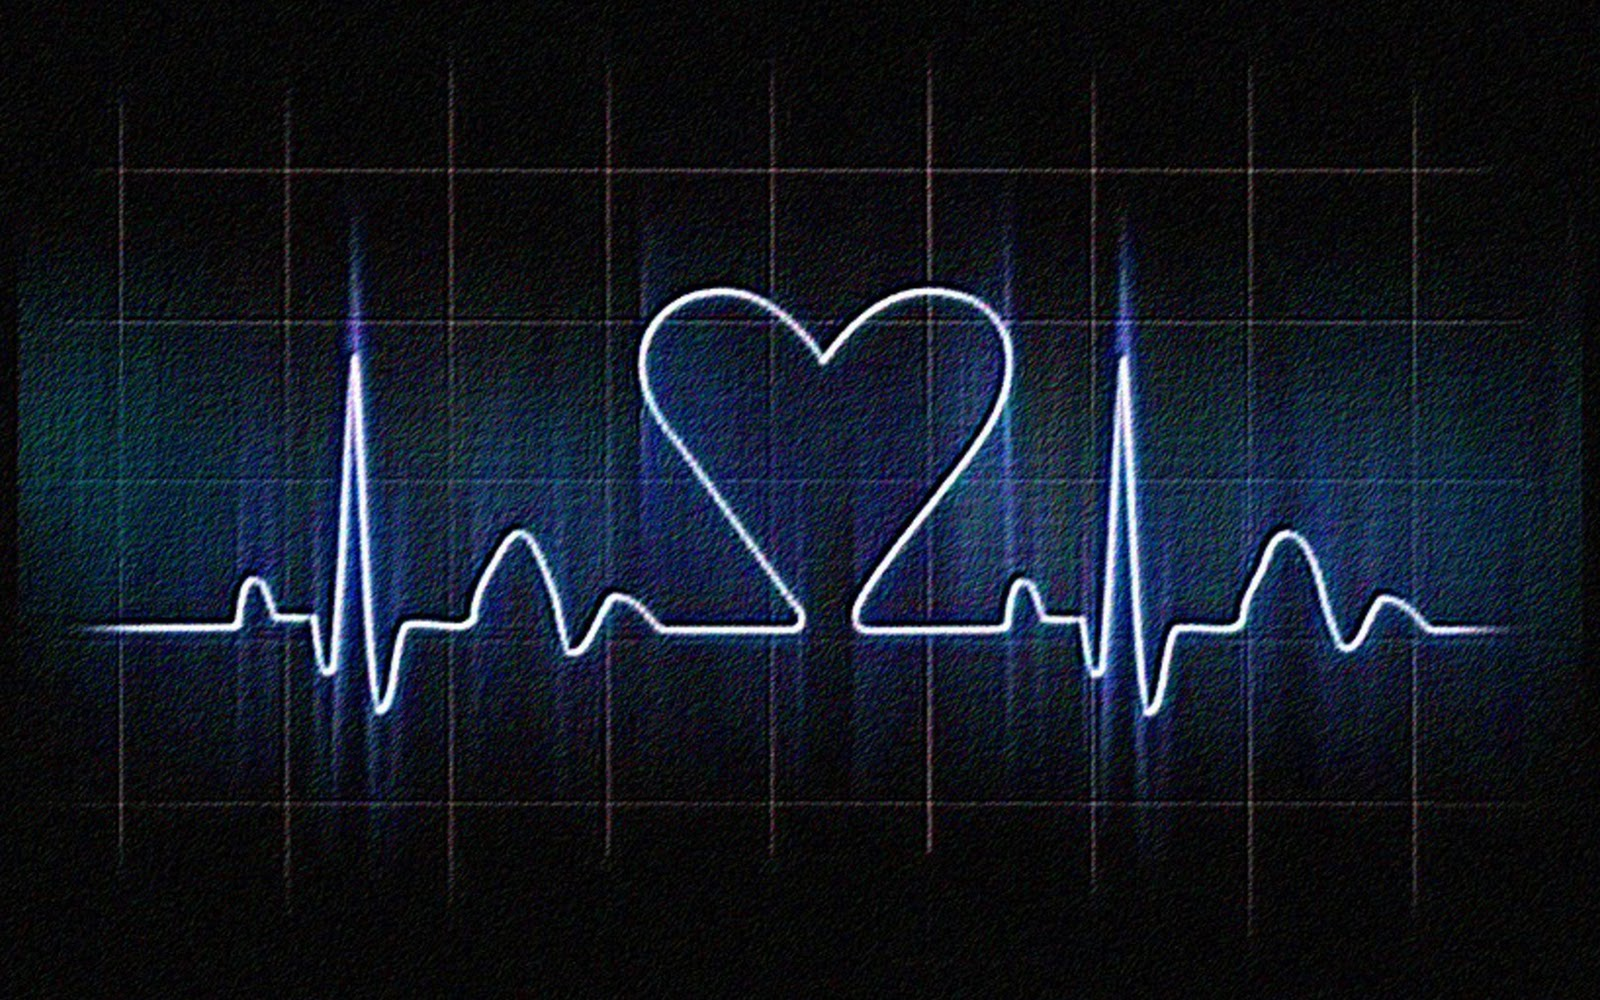 тексты картинки с биением сердца для ней изображены городские